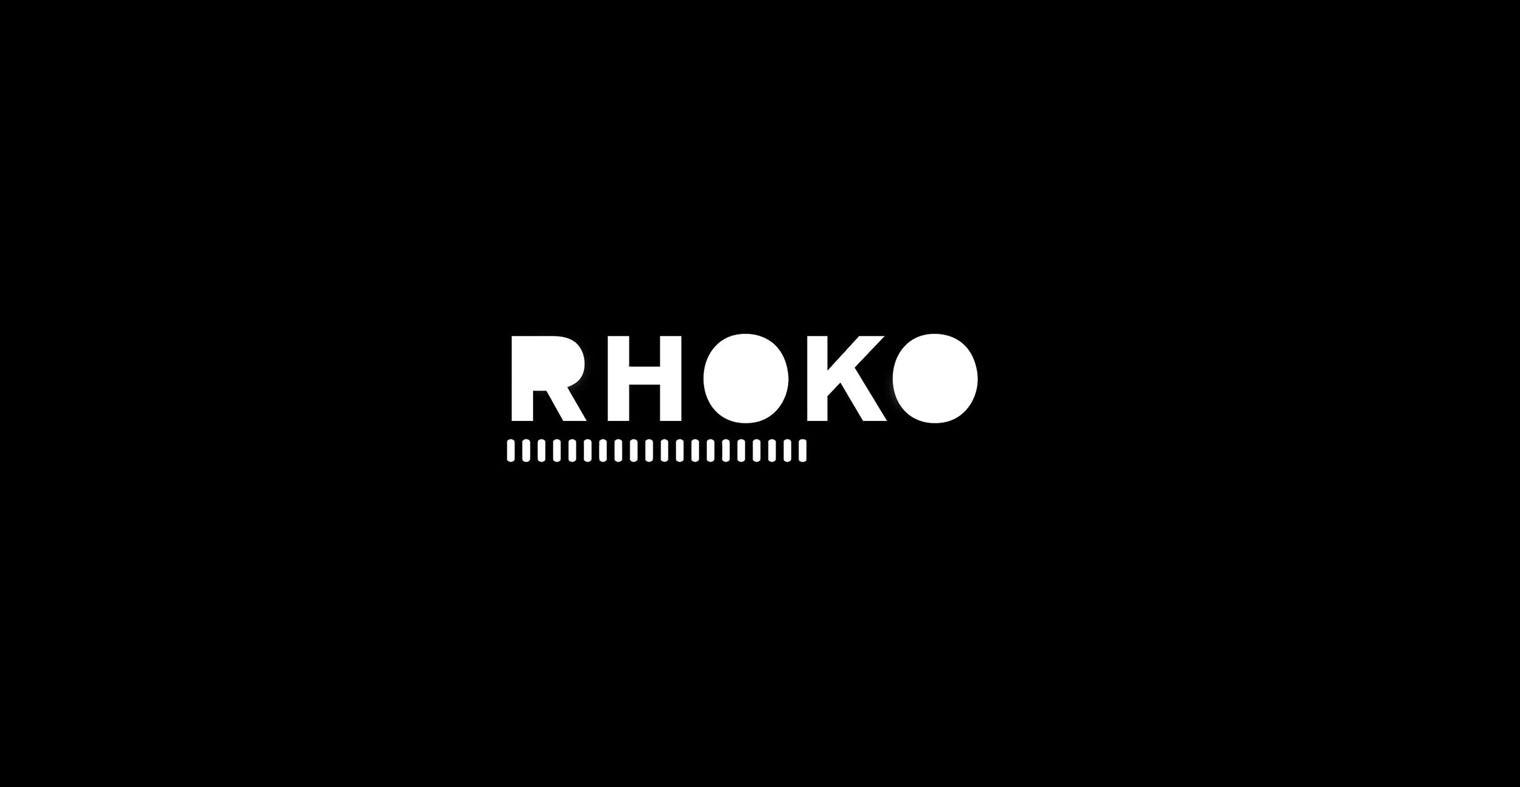 Shop All RHOKO Design Collection